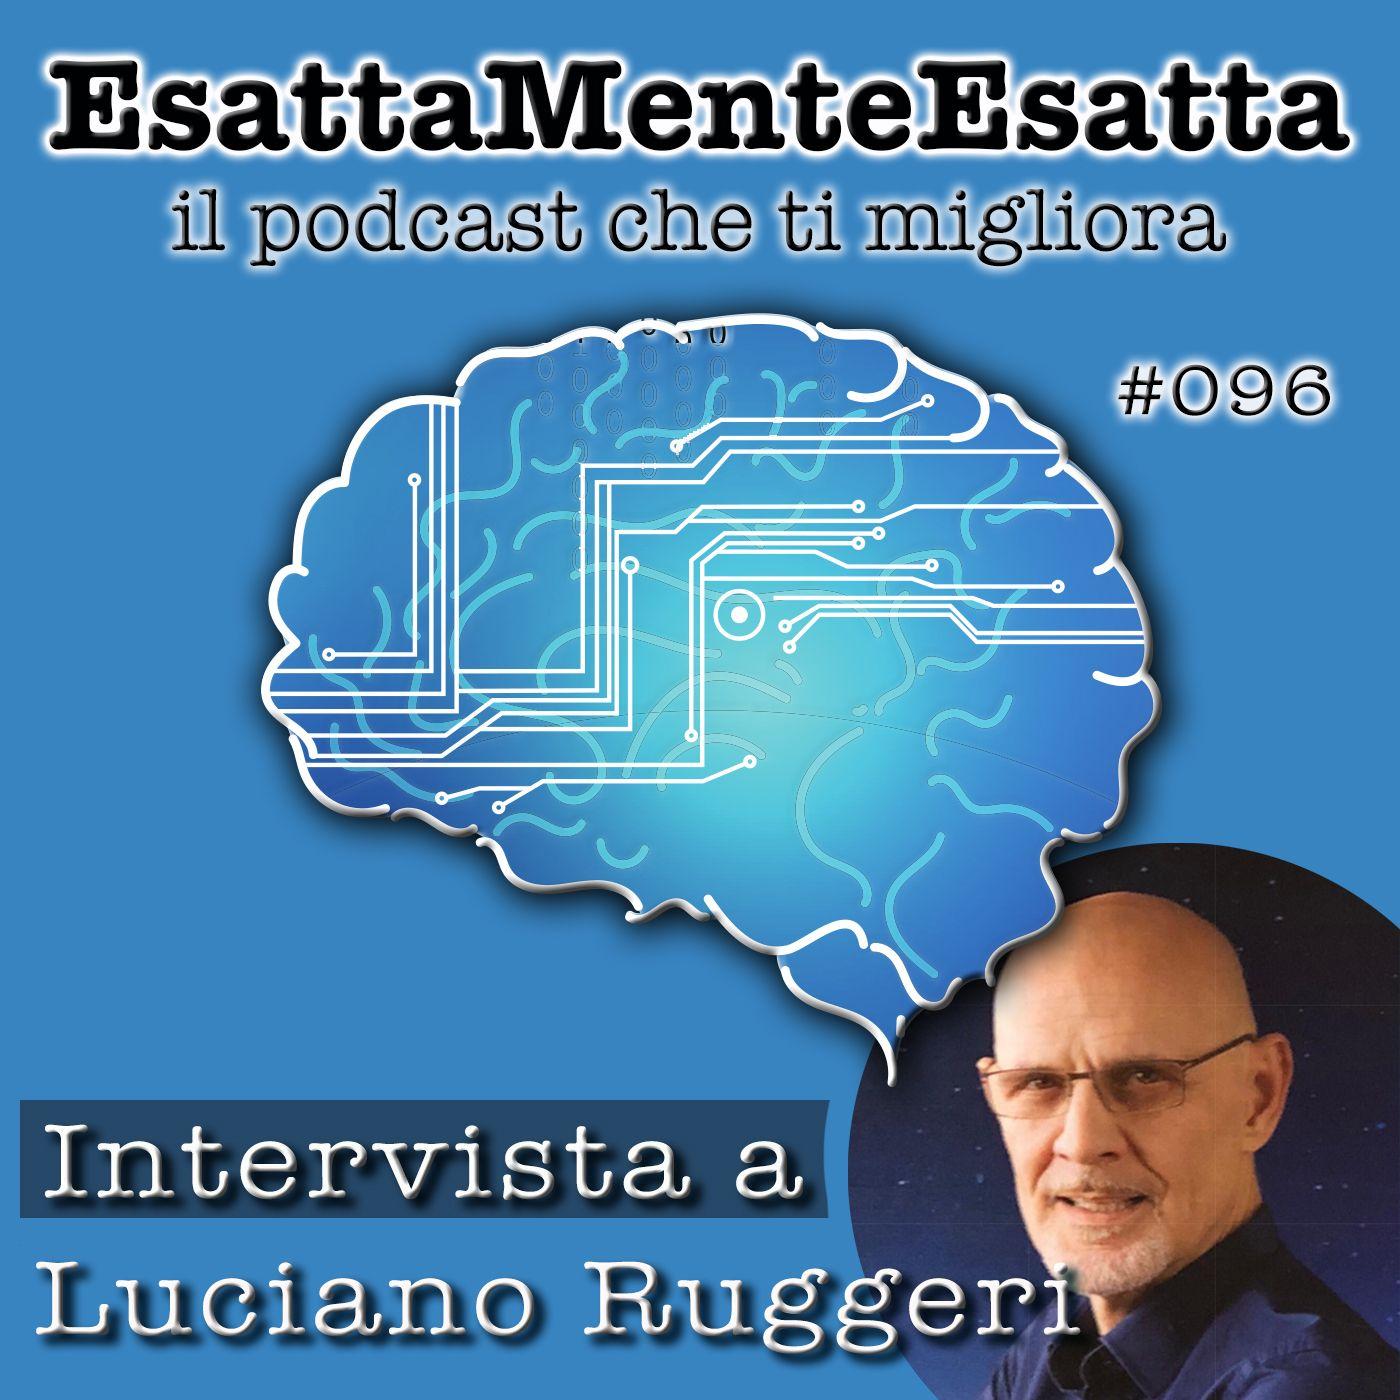 Intervista ad un Vocal Trainer: Luciano Ruggeri #096